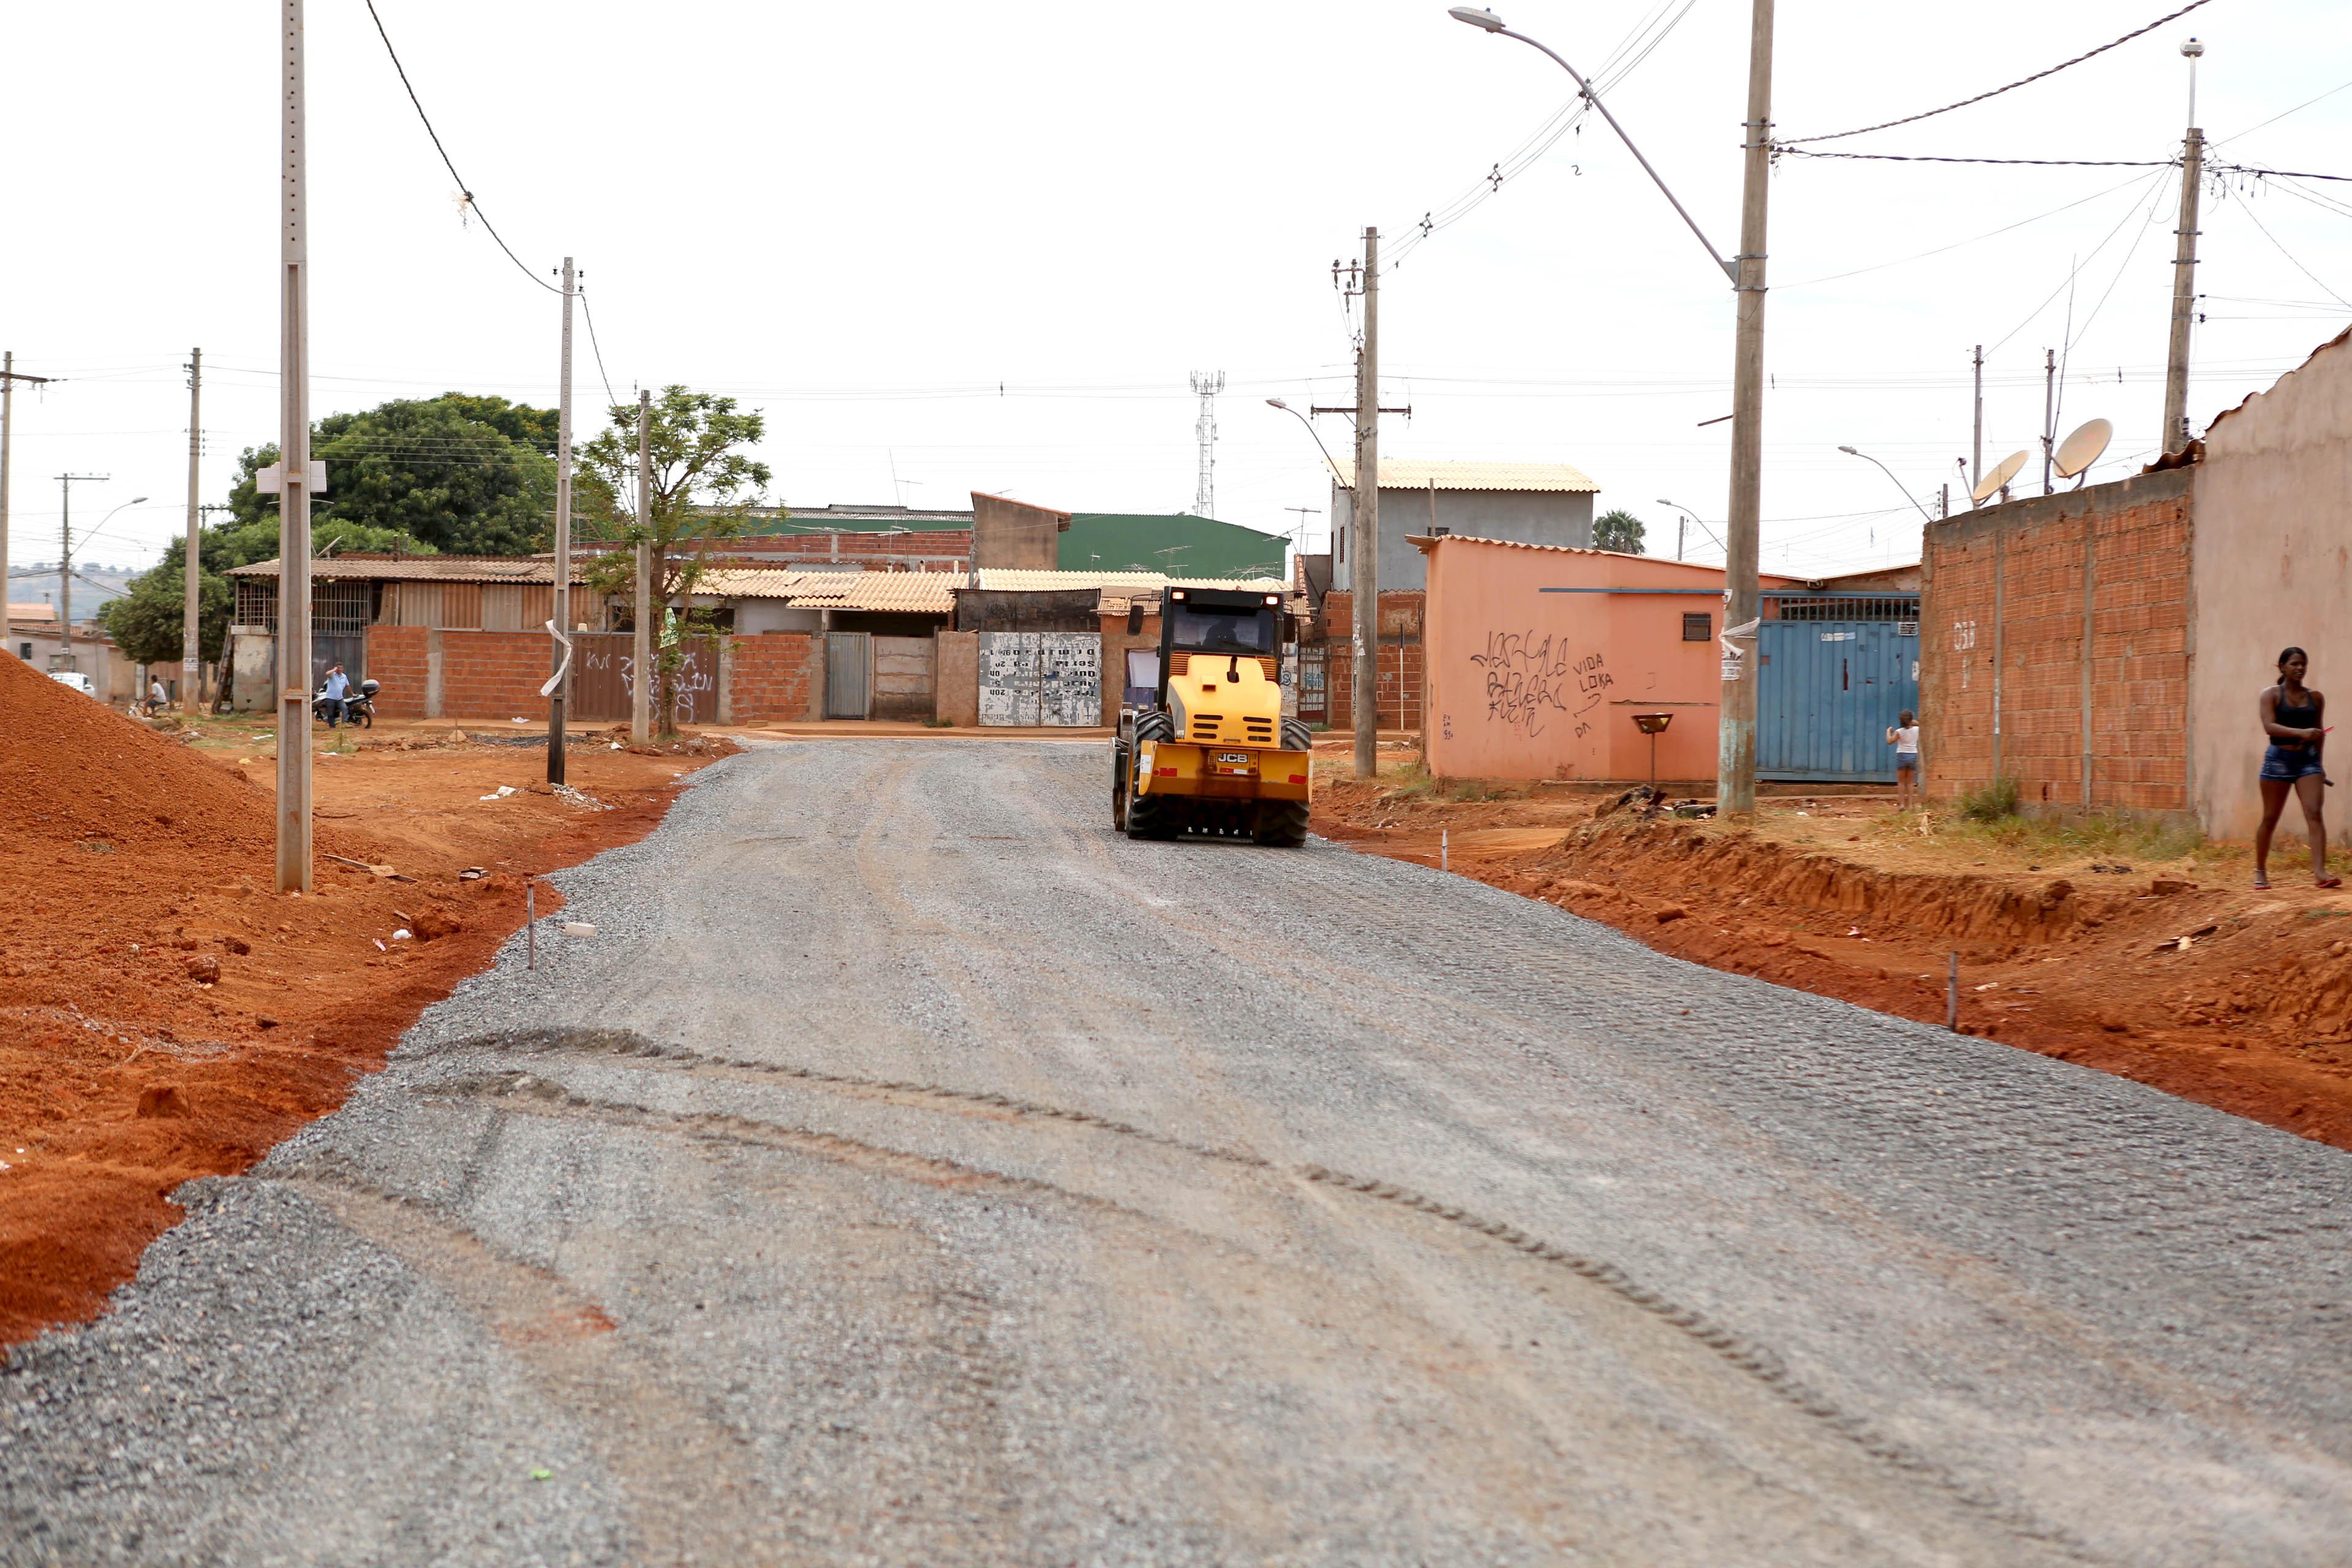 Cidades - infraestrutura - pavimentação obras públicas urbanização